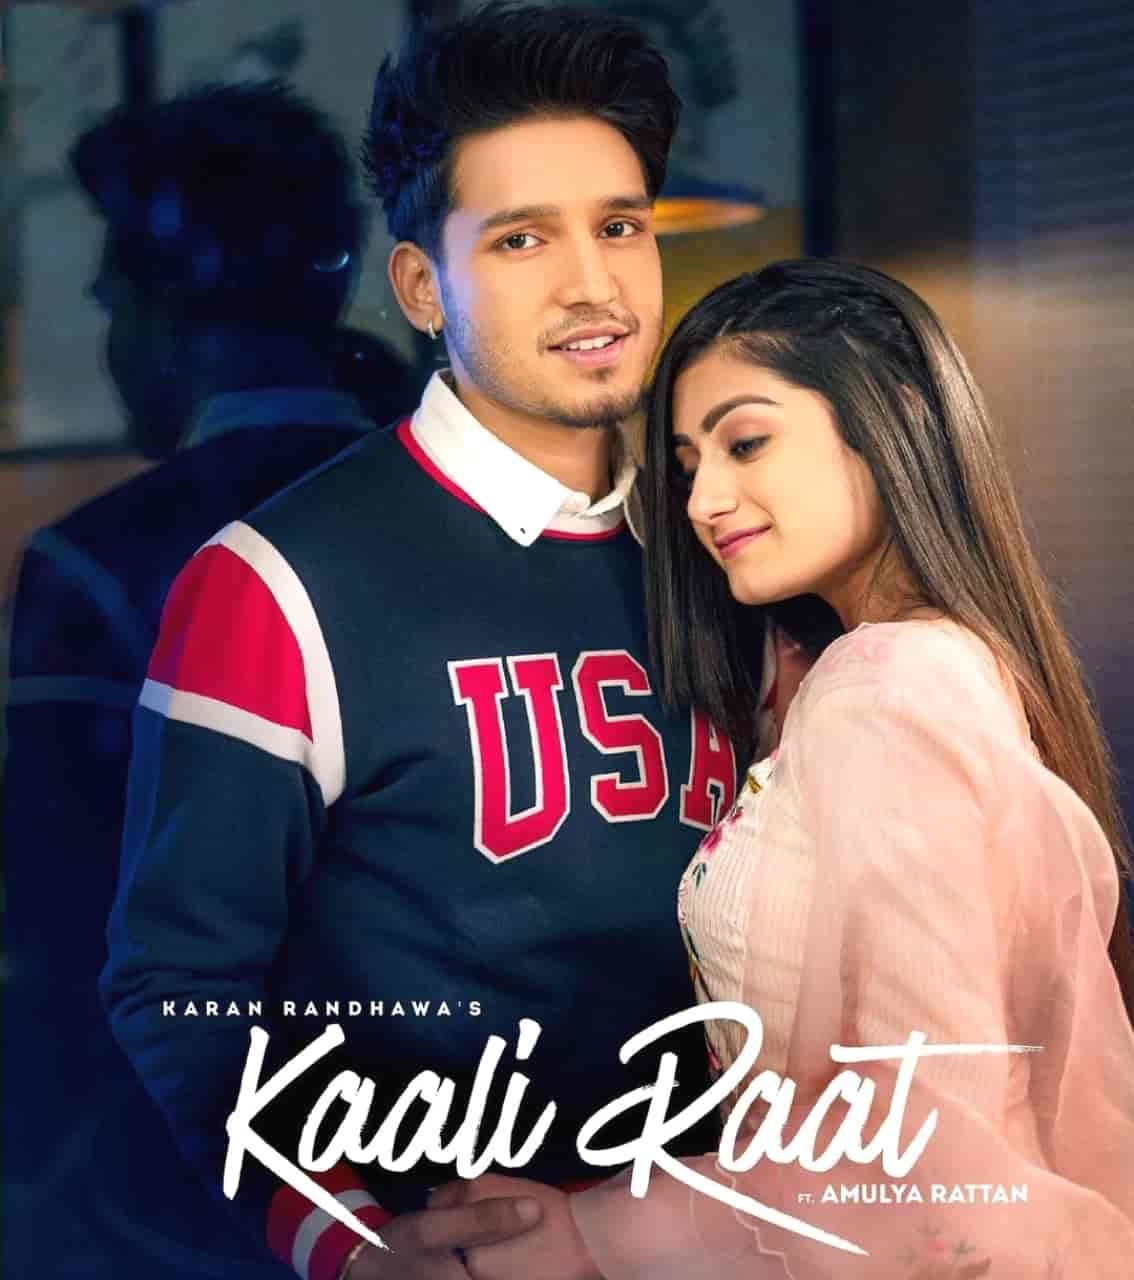 Kaali Raat Punjabi Song Image Karan Randhawa